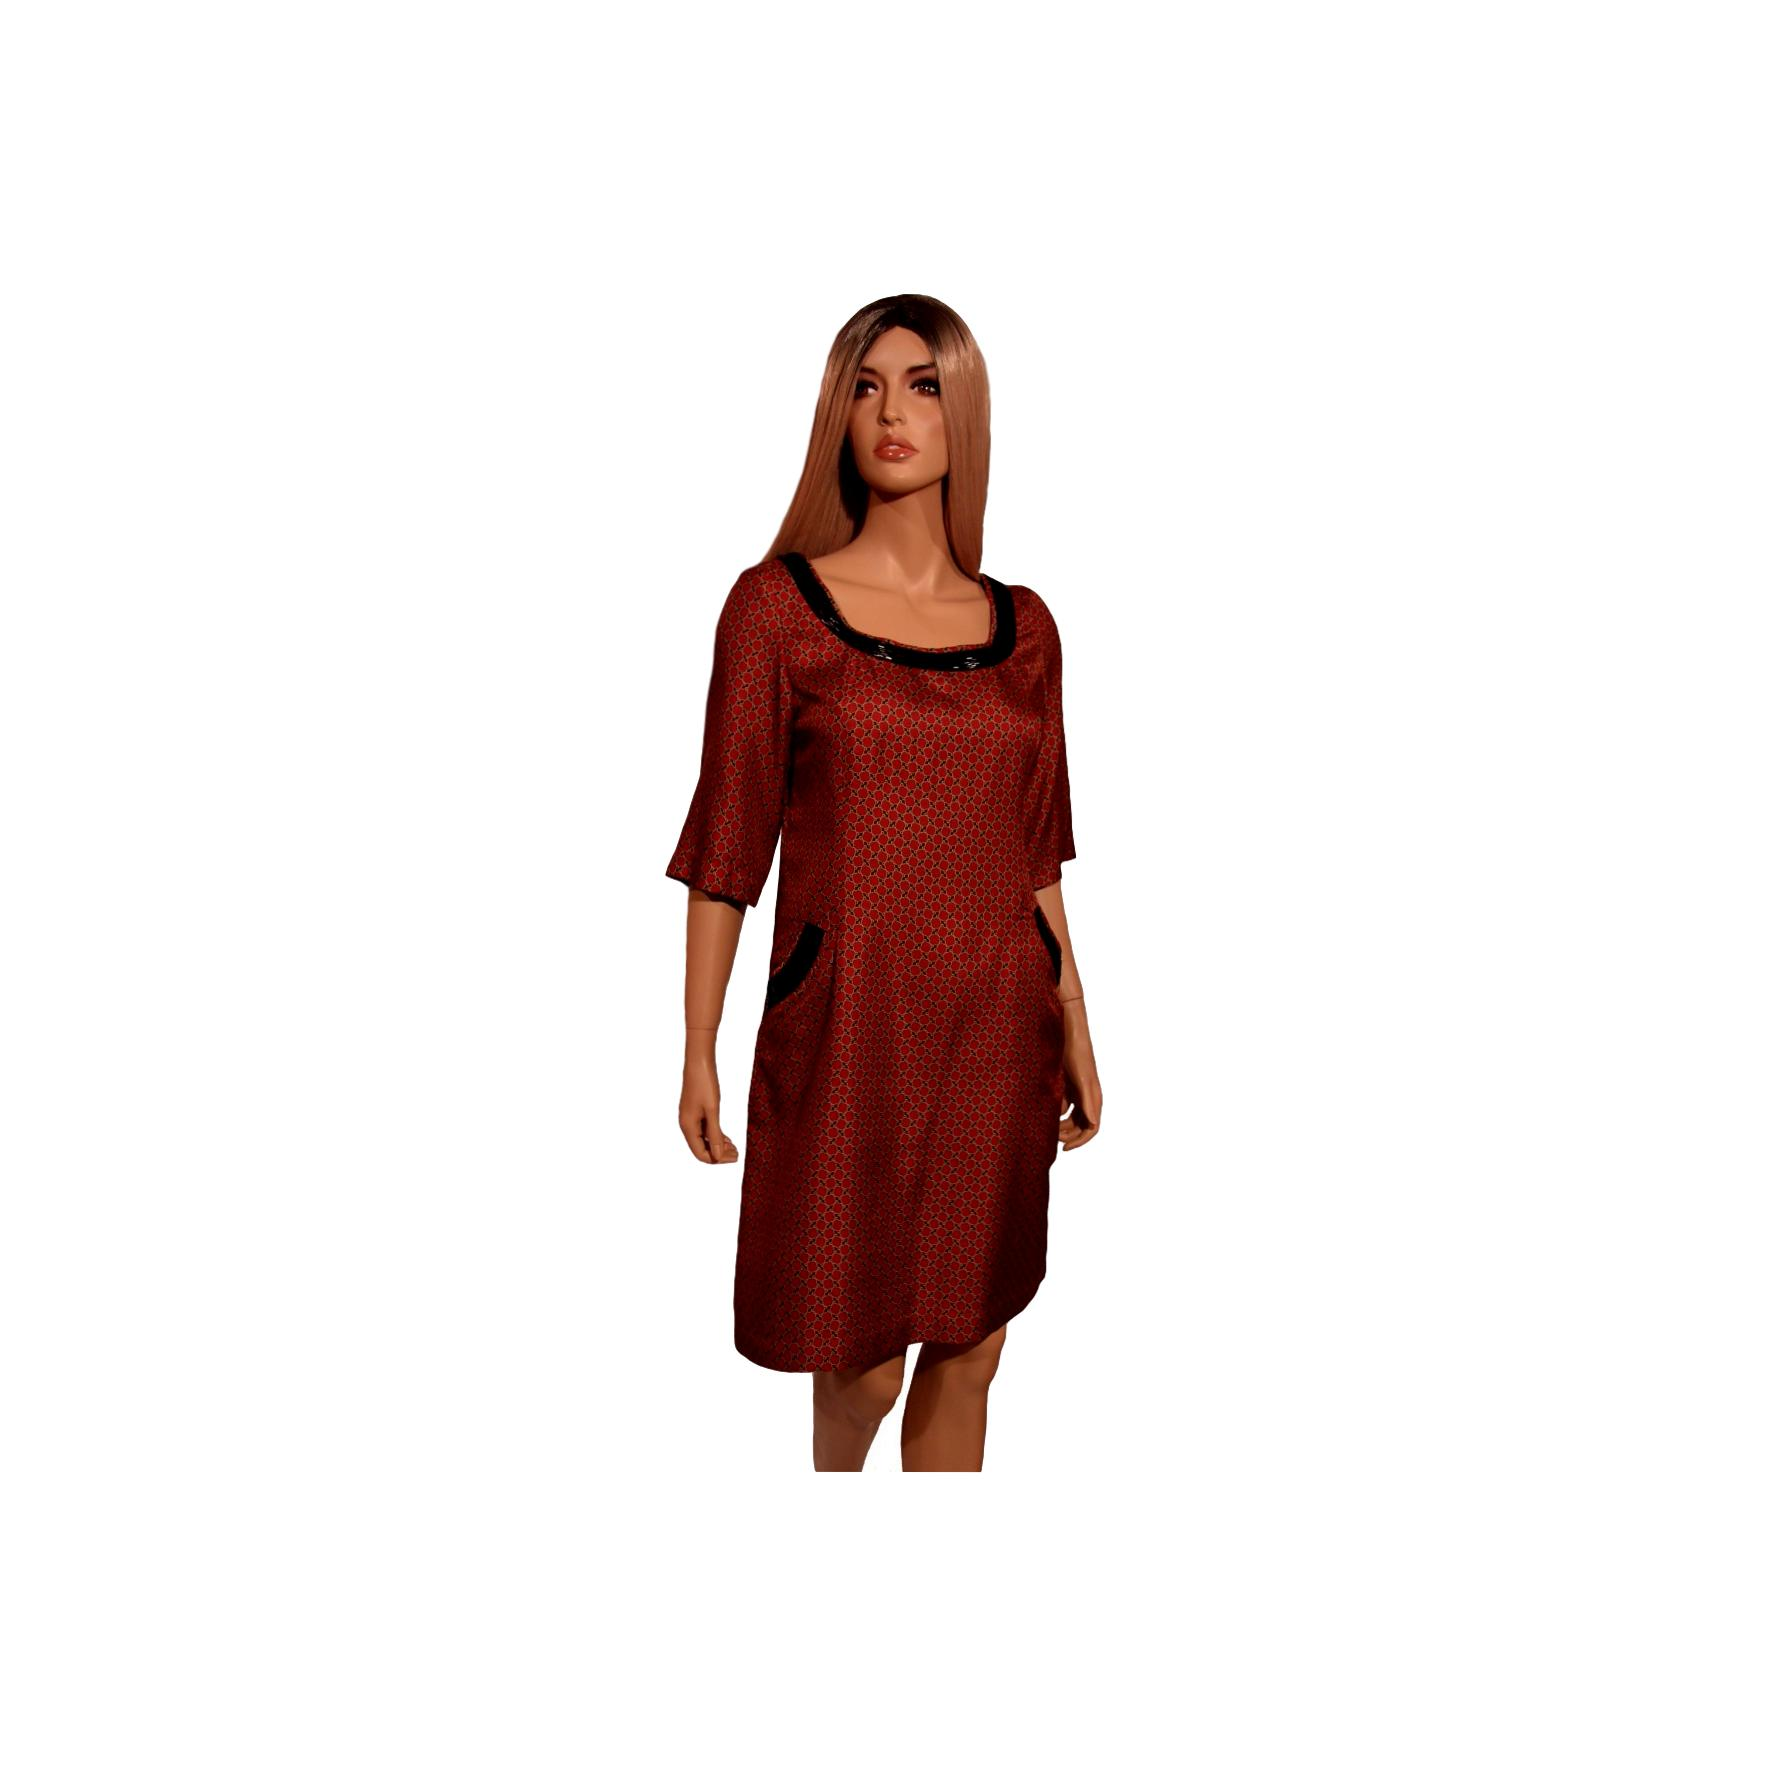 85e2158281d Купить платье Diane von Furstenberg за 3500 руб. в интернет магазине ...